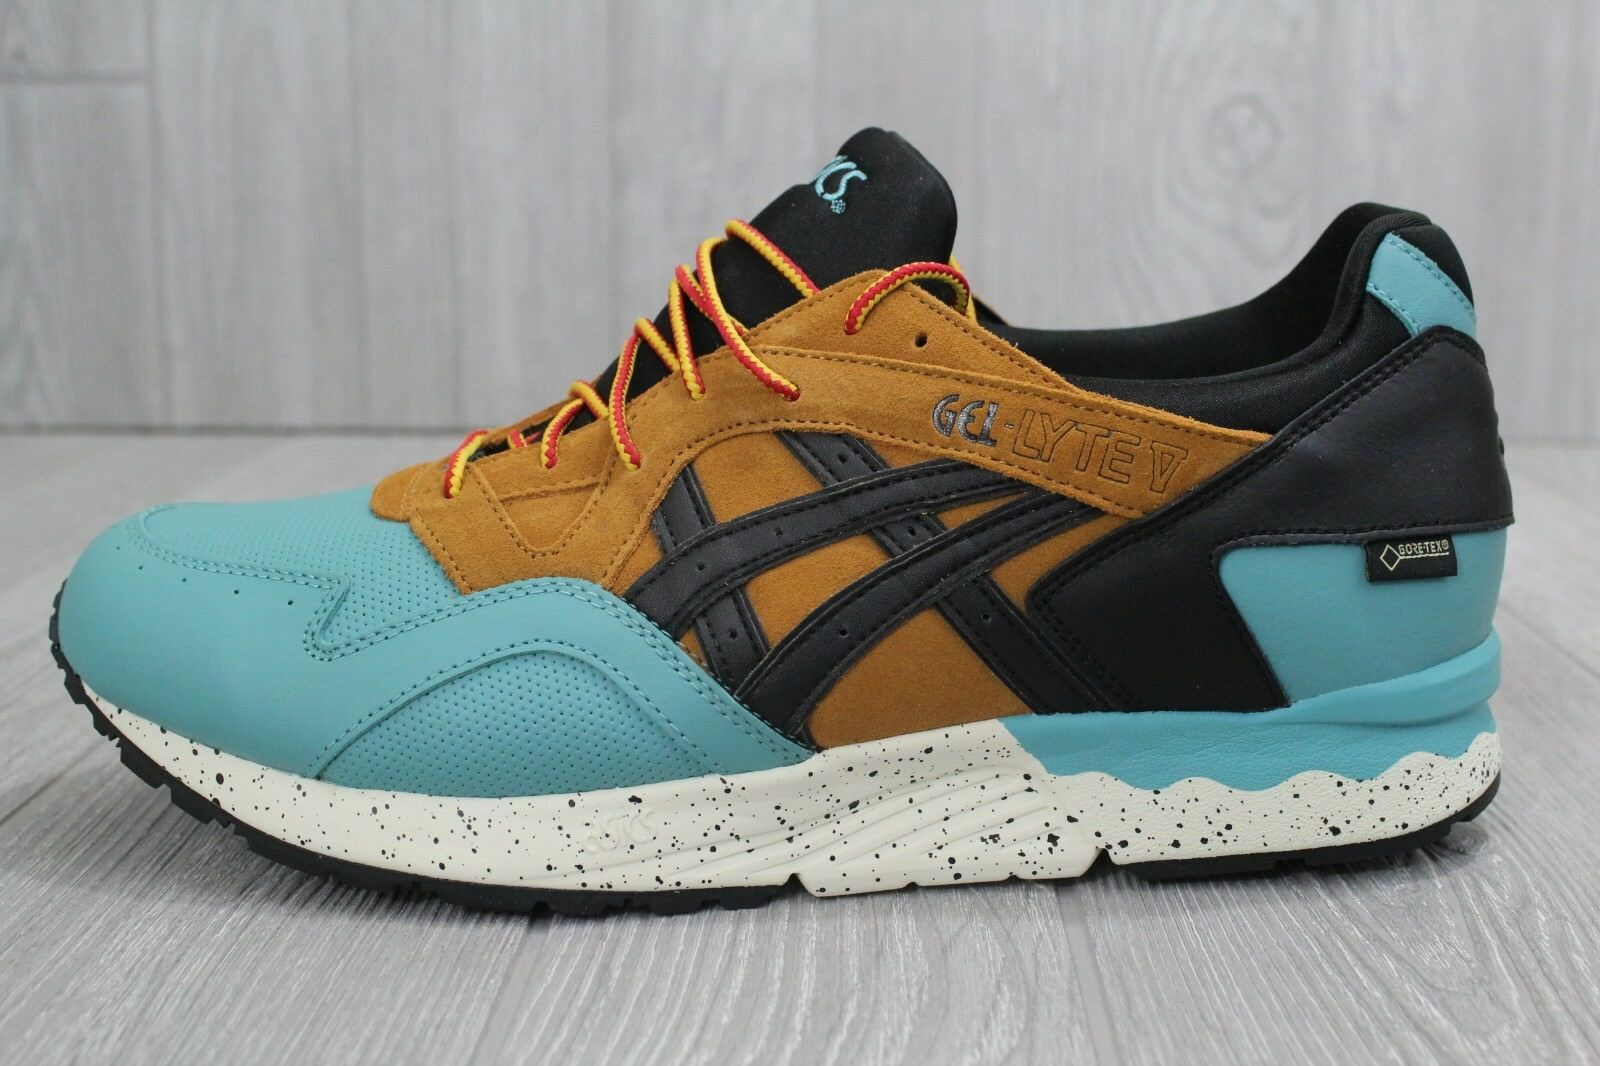 27 New Men's Asics HL6E2 Gel Lyte V GTX Kingfisher/Black HL6E2 Asics Shoes 11.5-12.5 632817